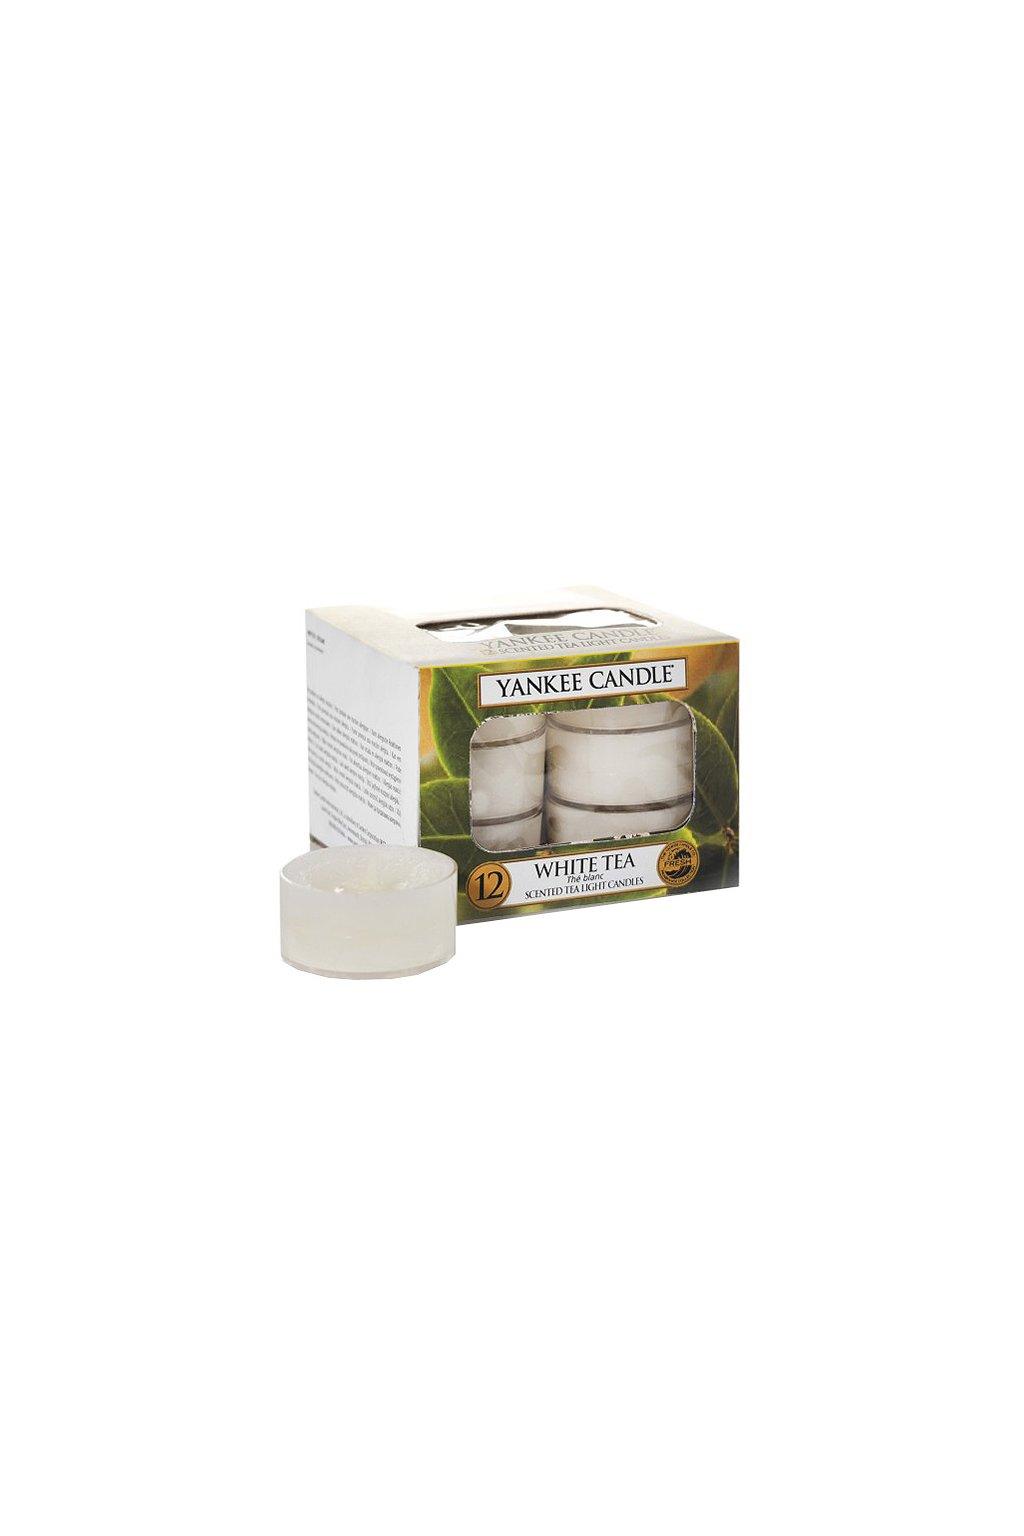 Yankee Candle White Tea Tea Light